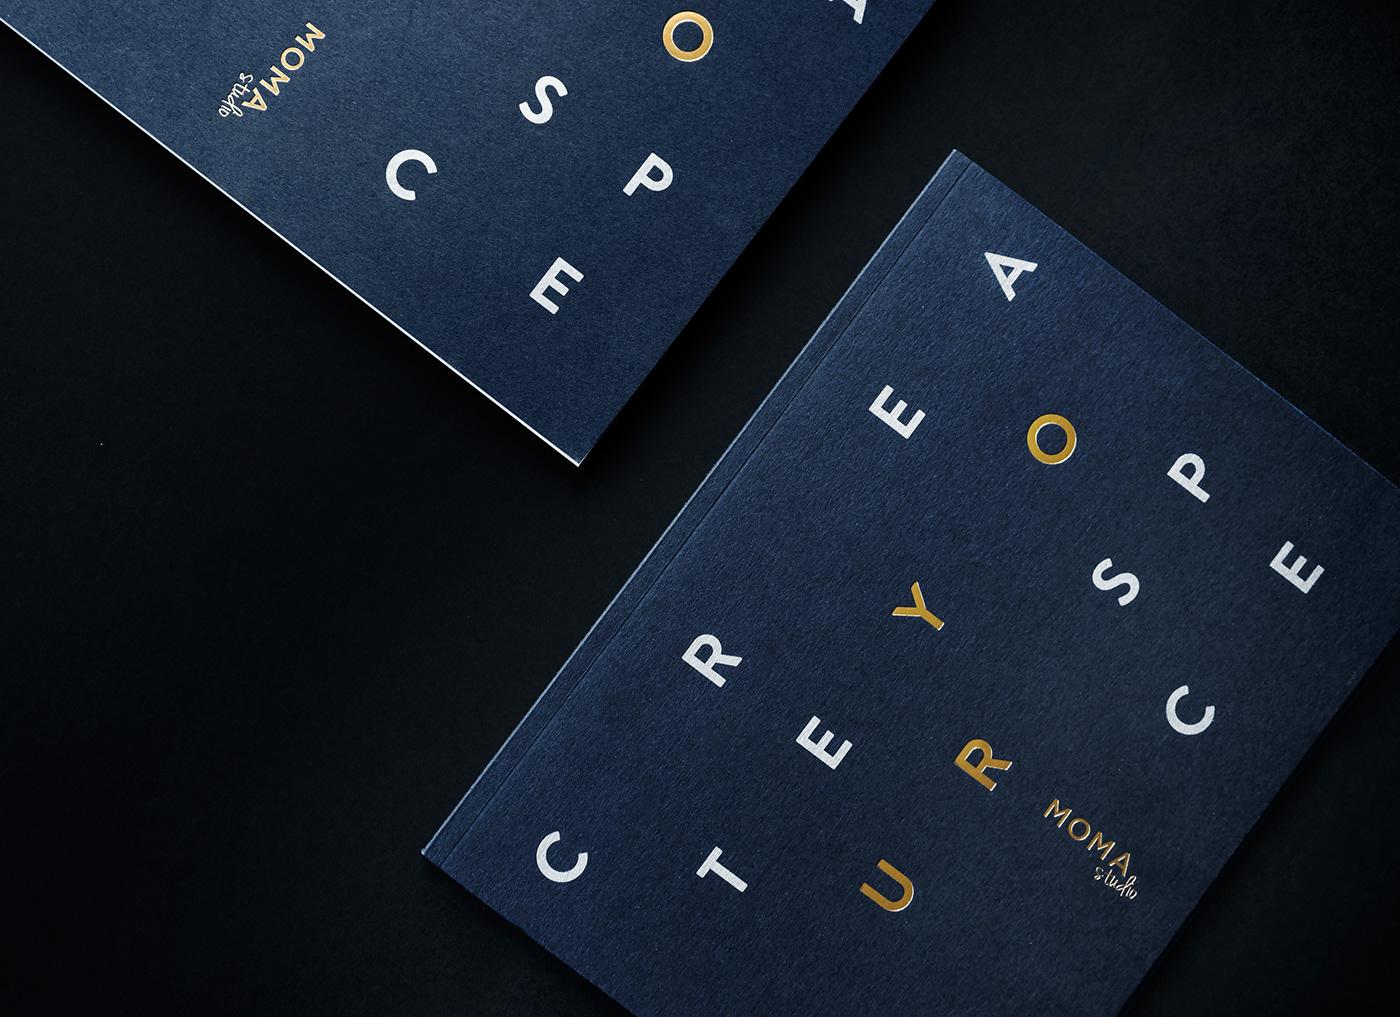 高品質的28款文字排版設計欣賞